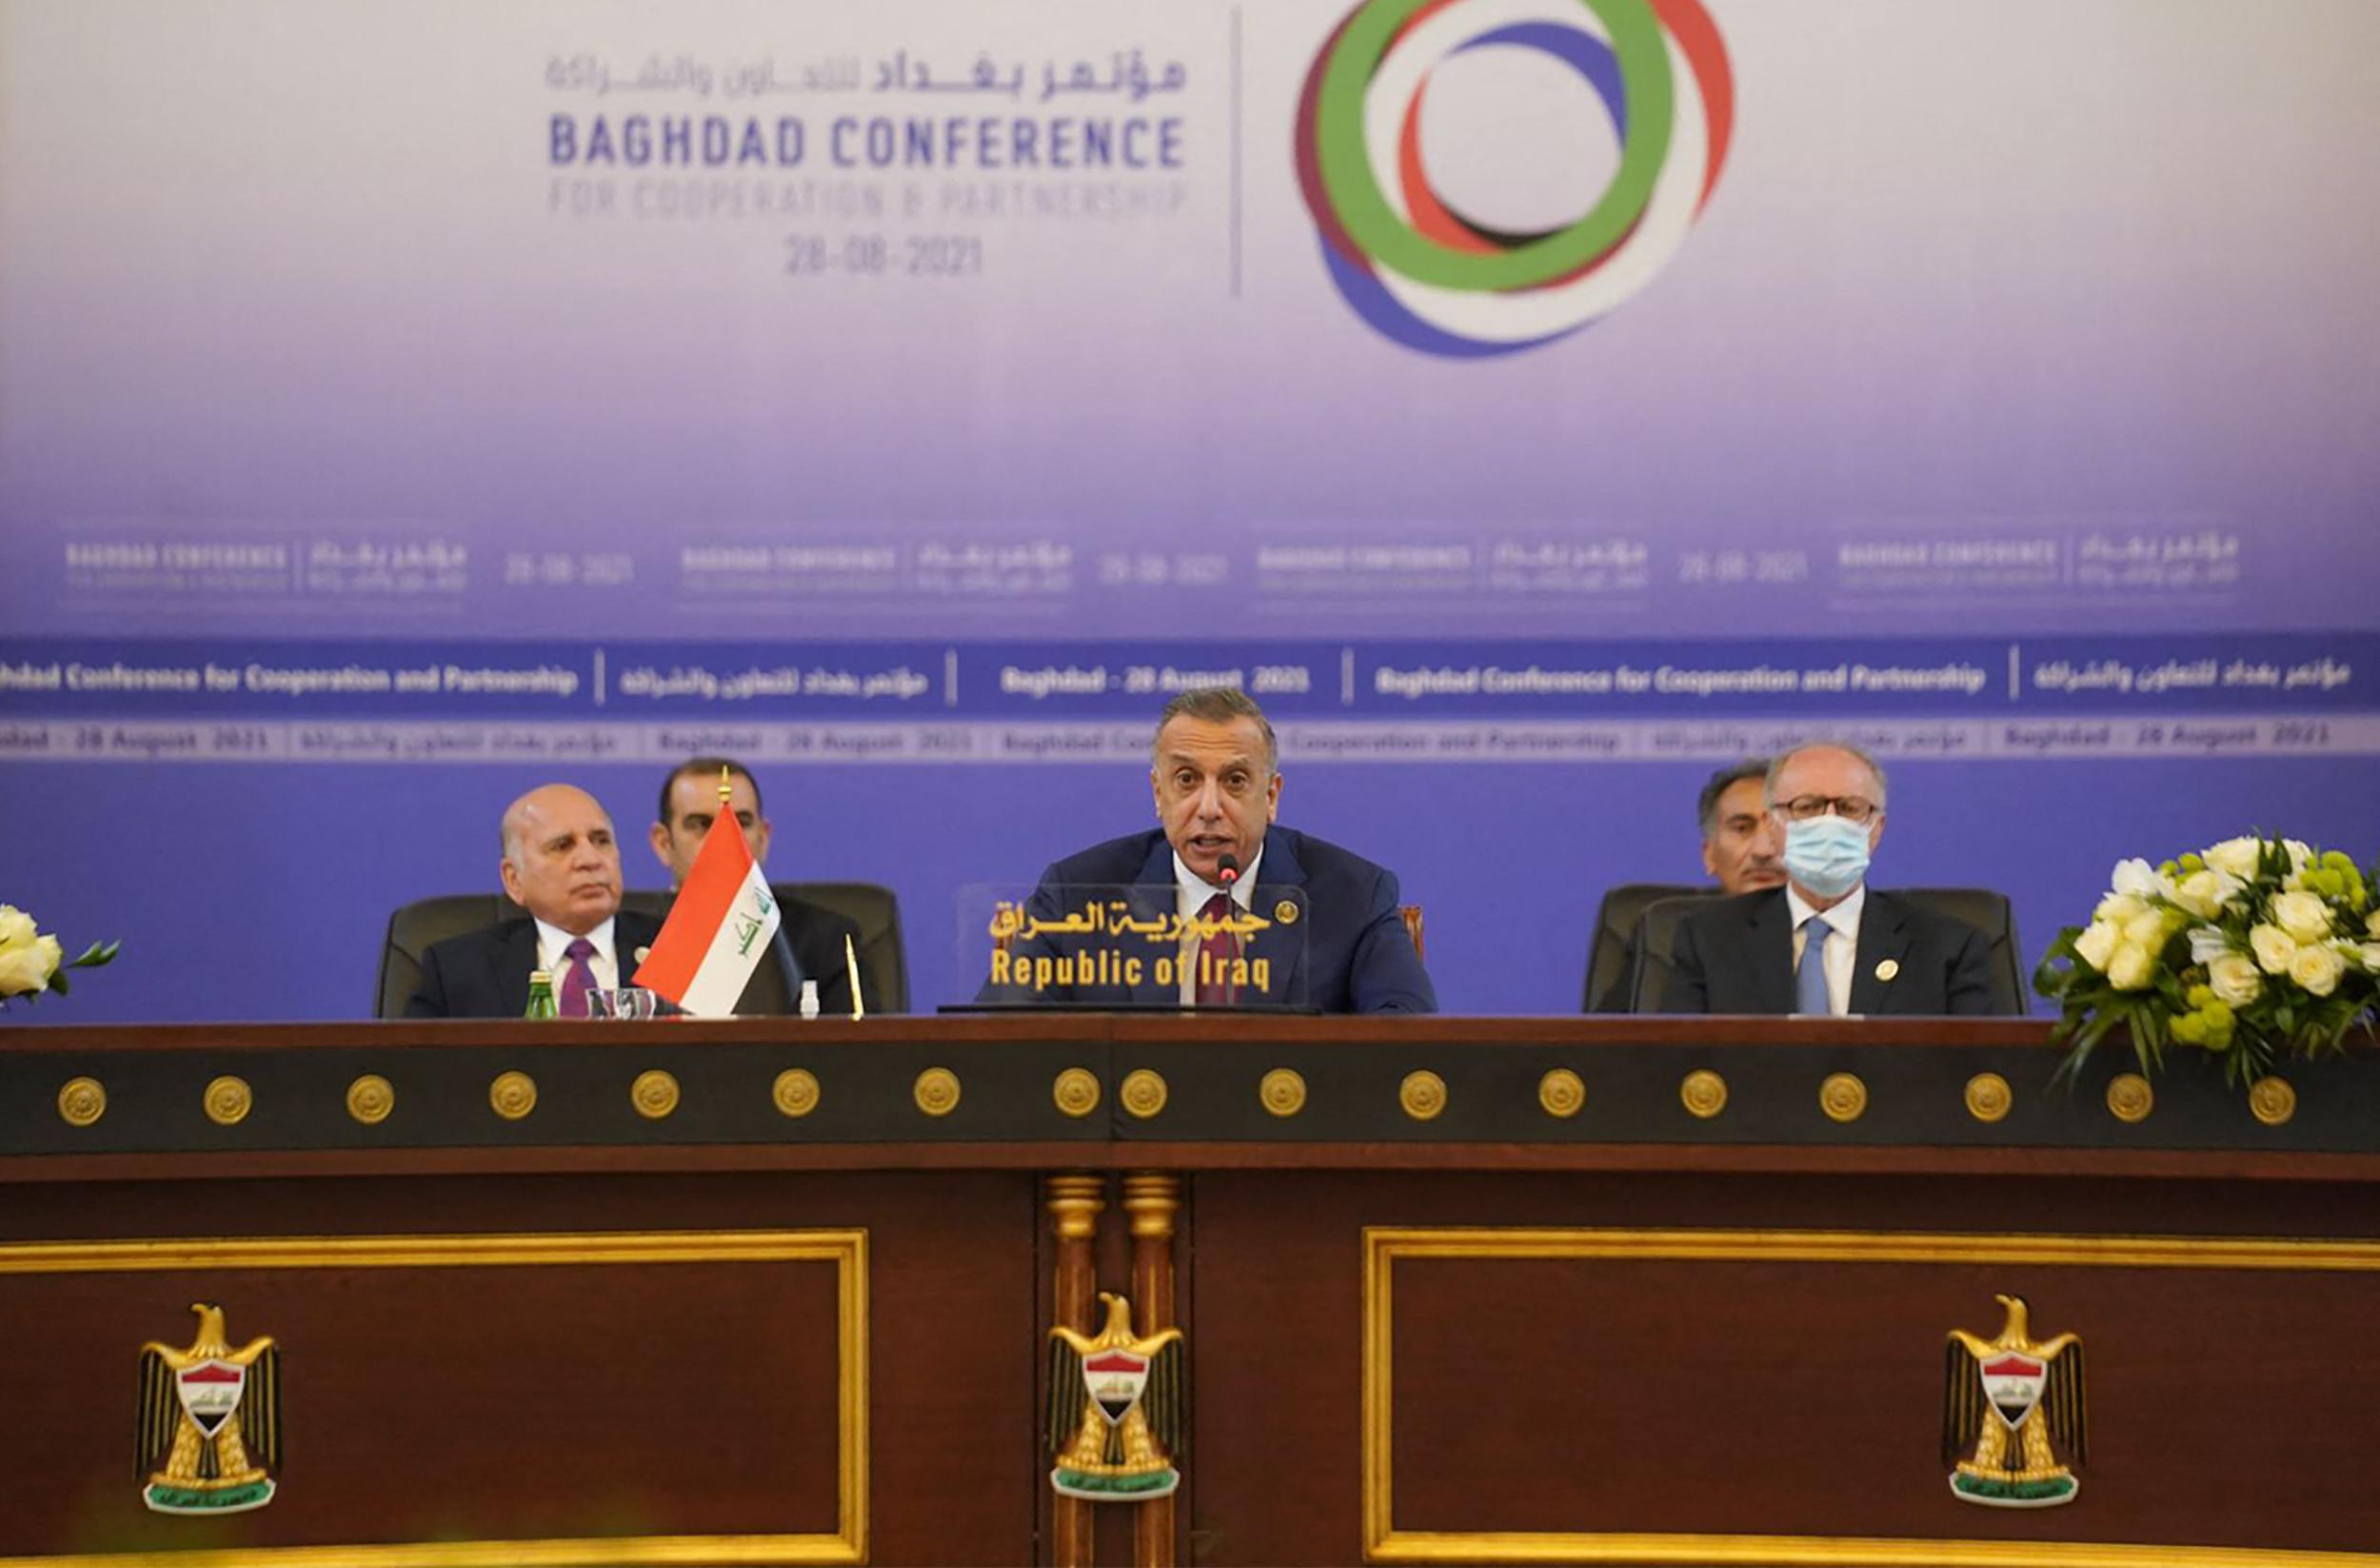 رئيس الوزراء العراقي خلال إلقاءه كلمته بالمؤتمر